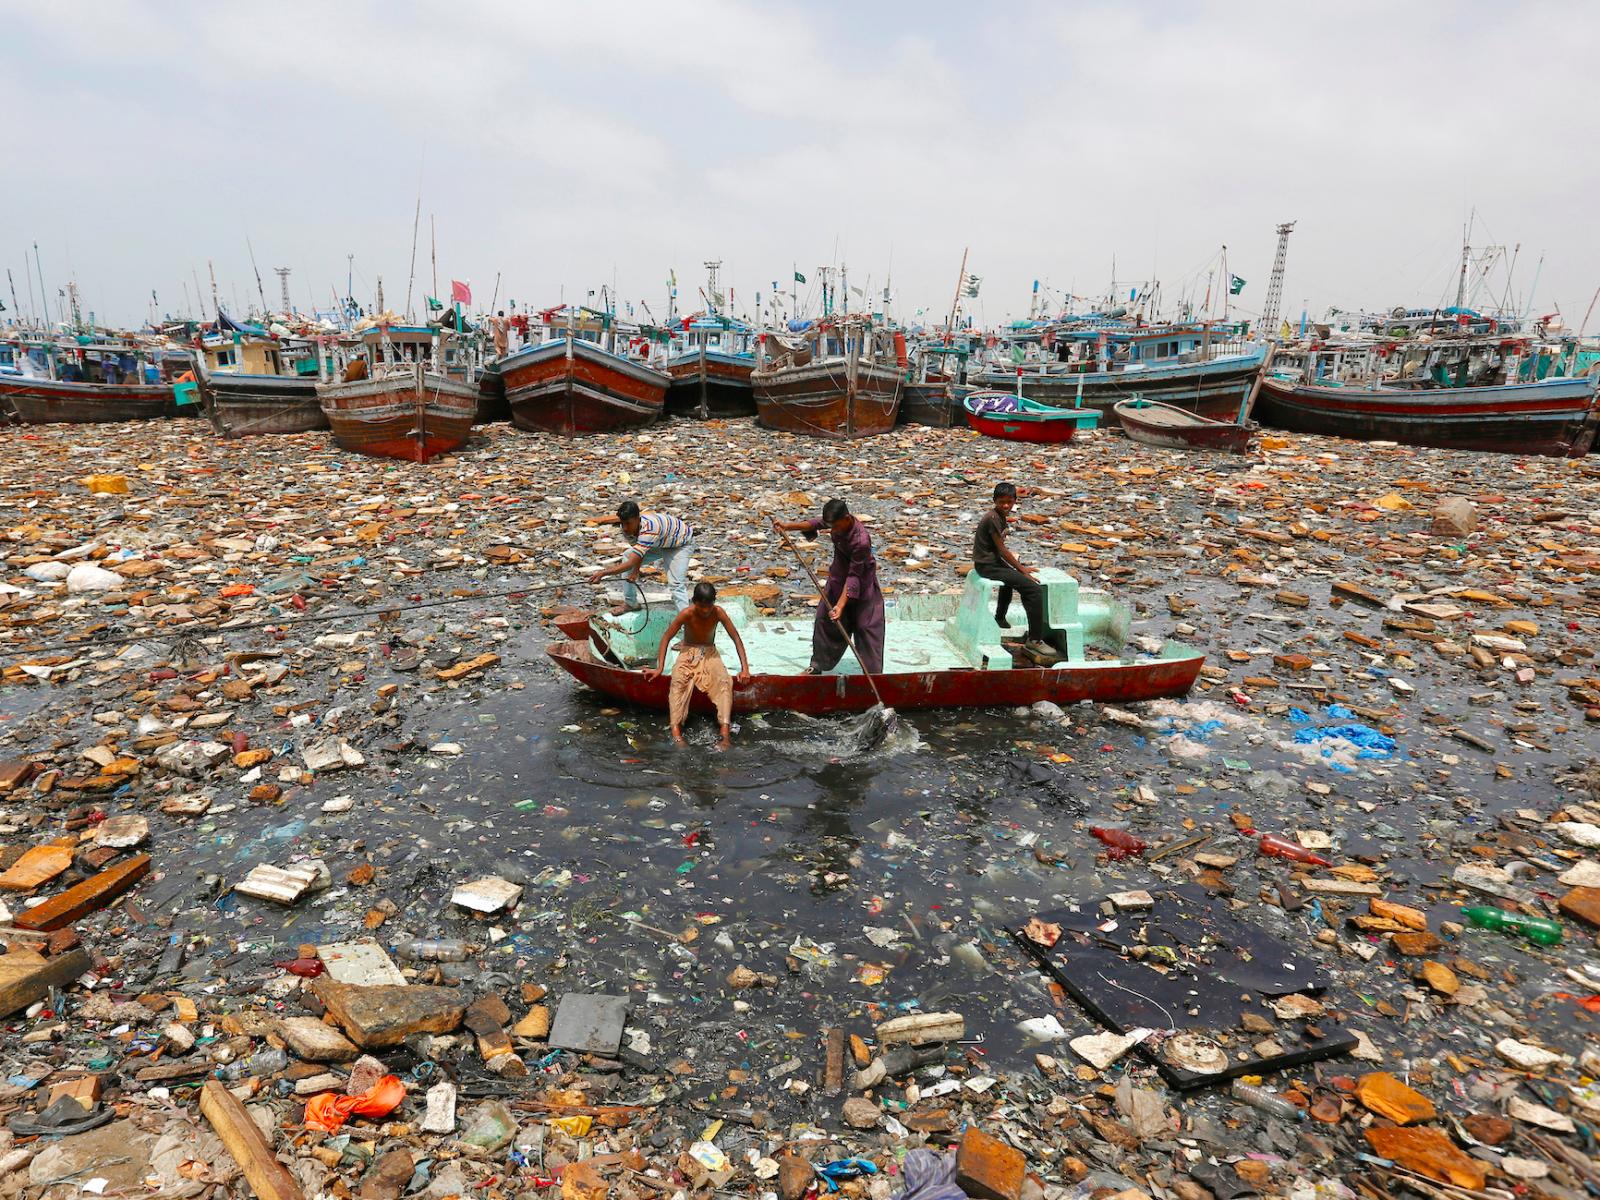 بدترین شهرهای دنیا برای زندگی کدامند؟